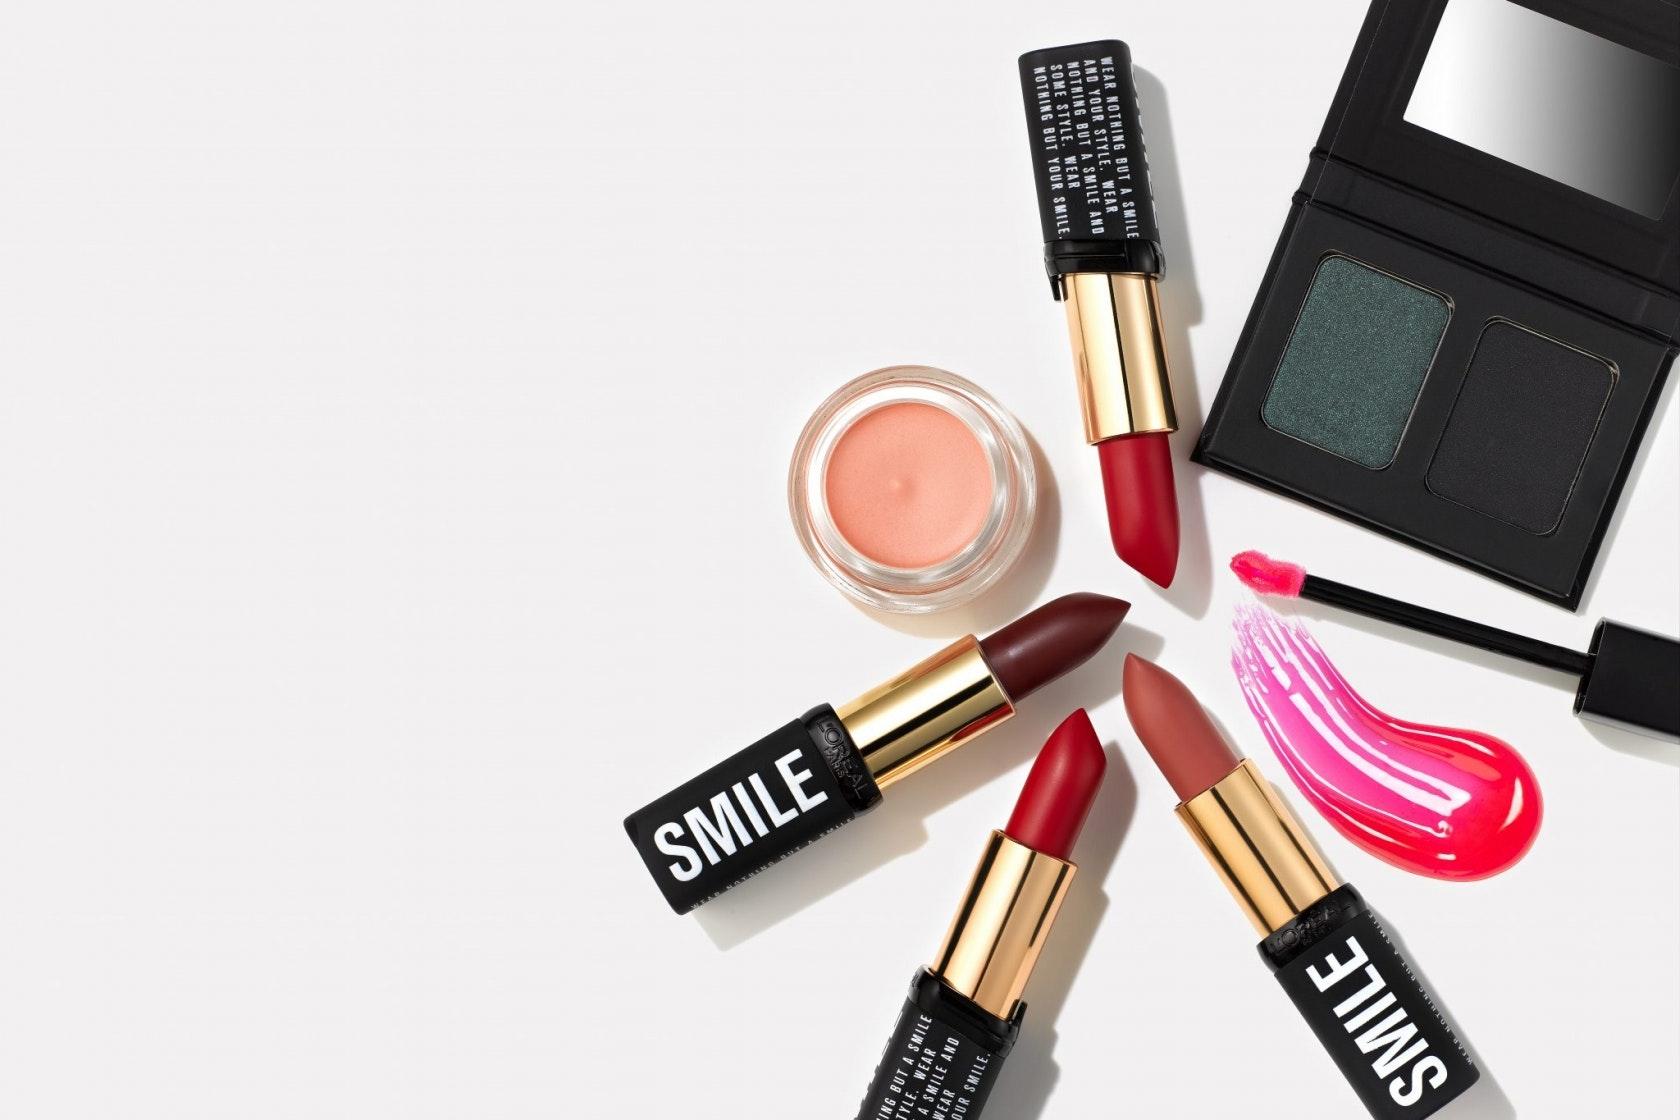 foto Exclusive: Isabel Marant on Her New Makeup Line with LOréal Paris